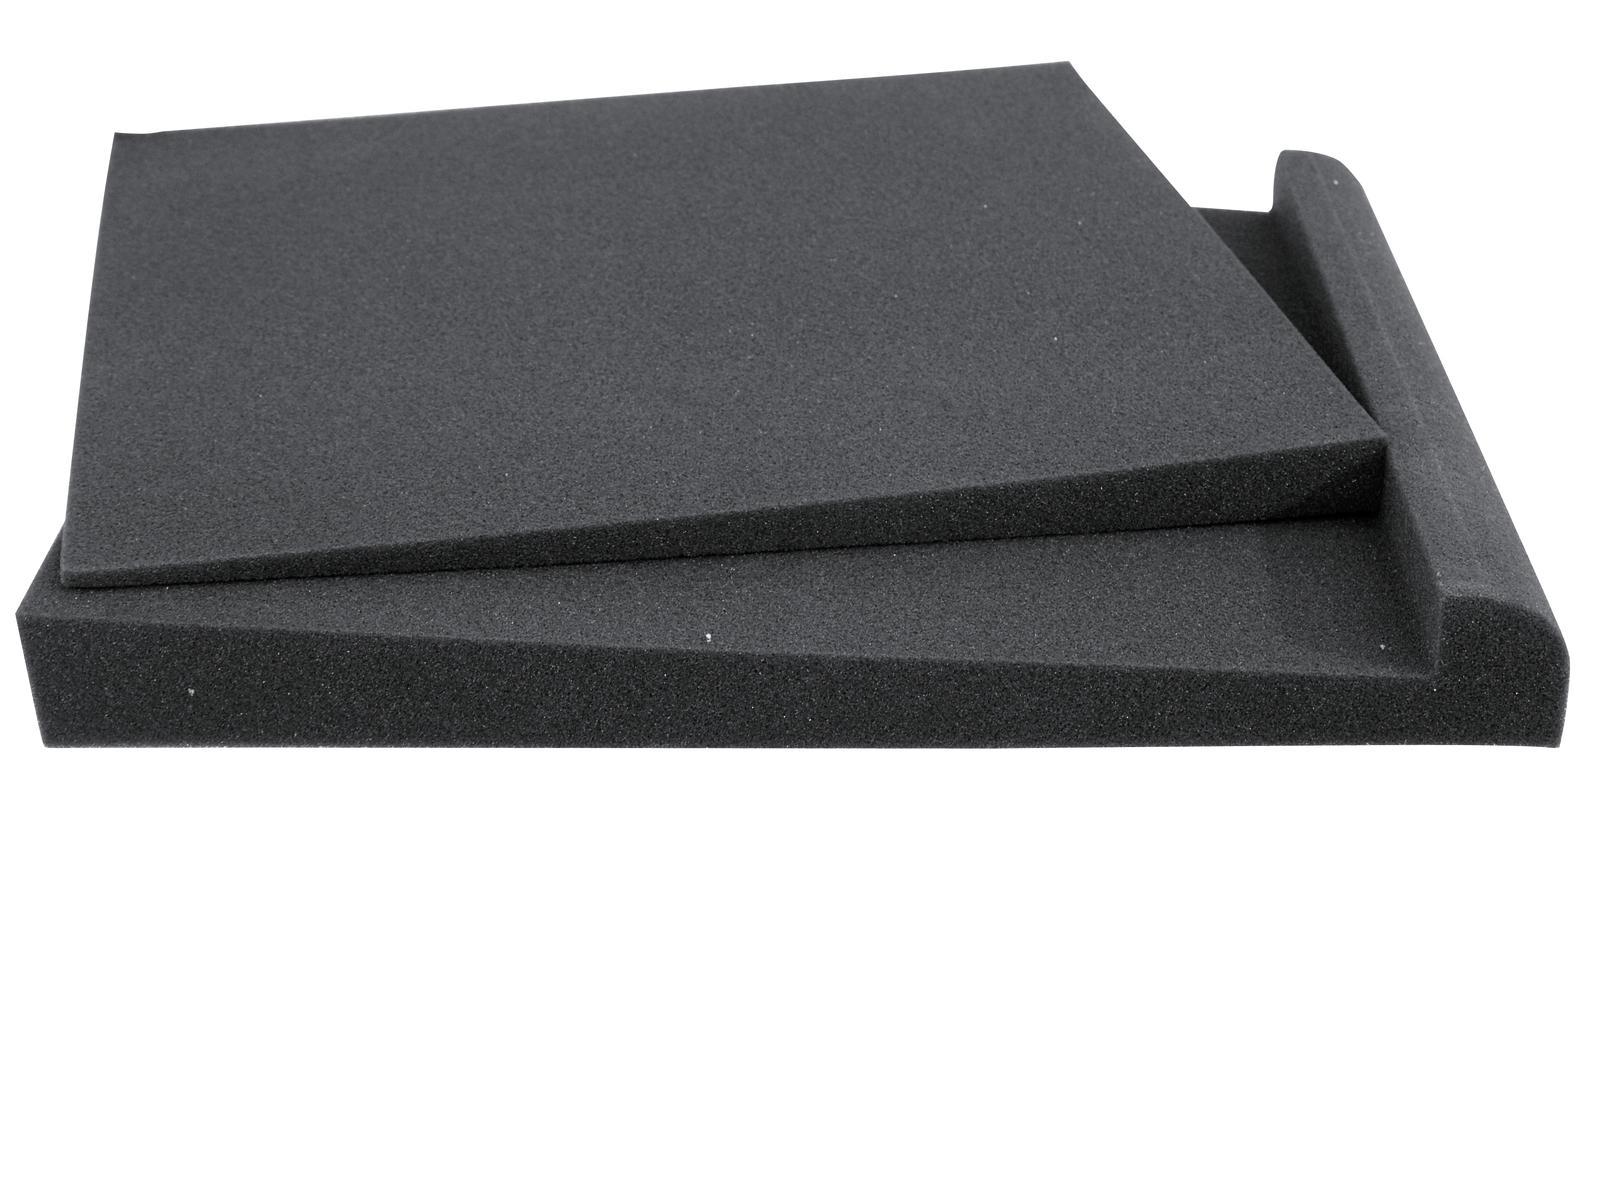 OMNITRONIC pannello acustico  Isolatore  265x330x40 cm